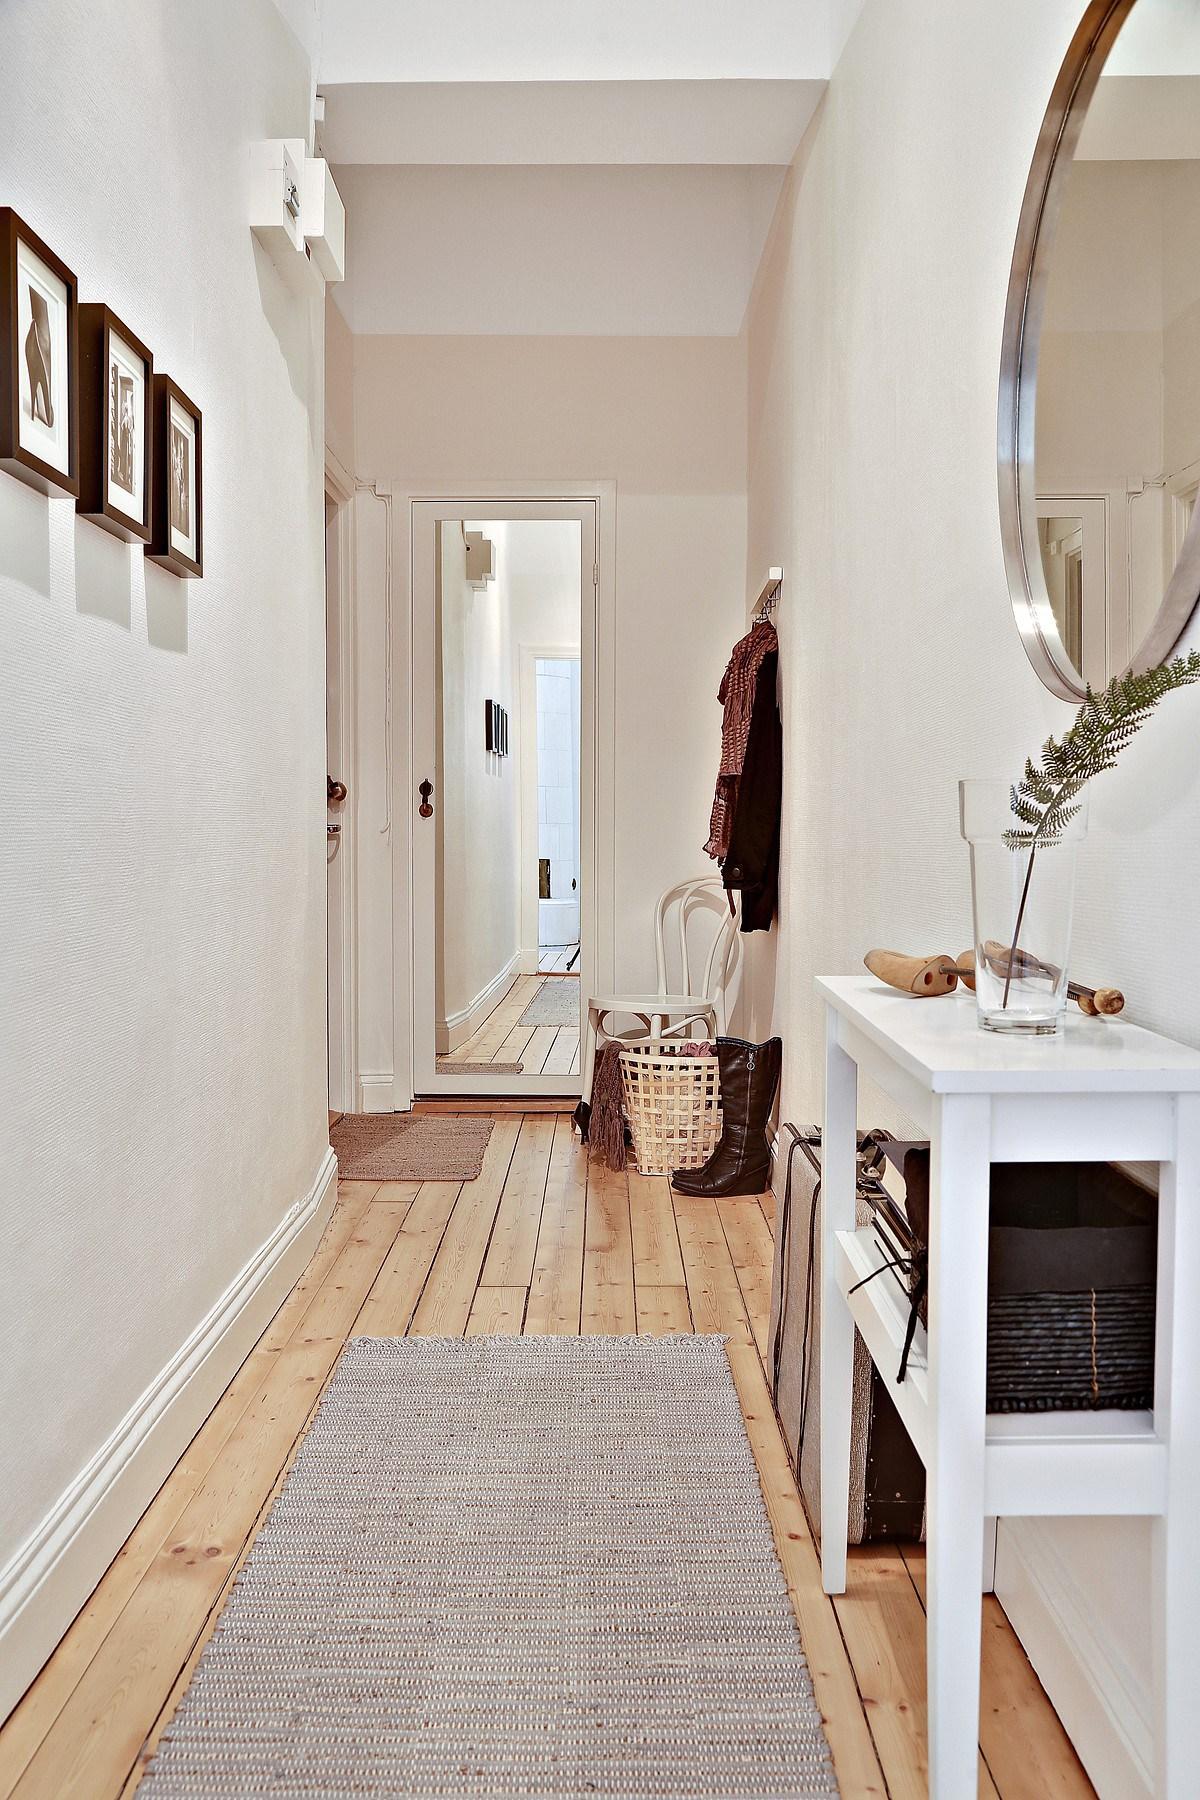 5 astuces pour agencer et aménager son couloir - Lili in wonderland